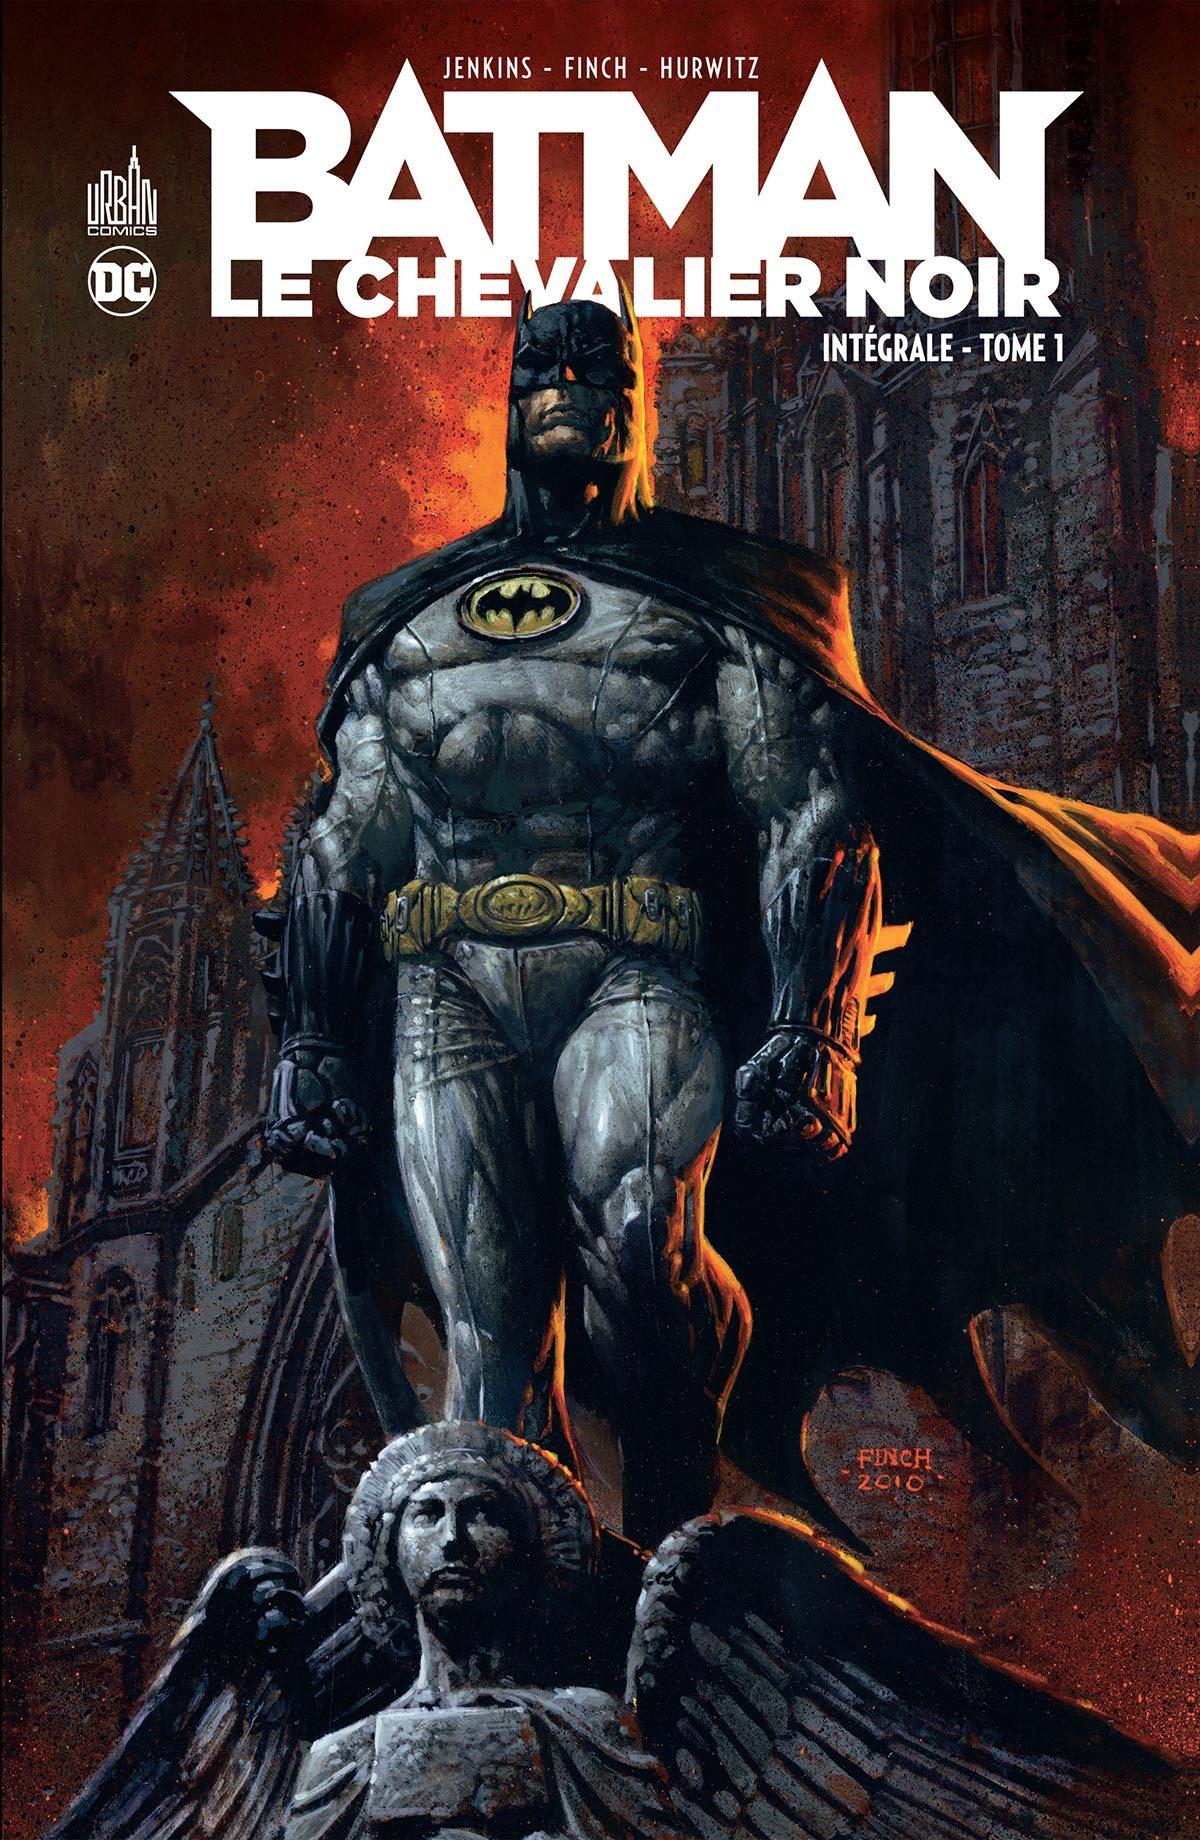 BATMAN LE CHEVALIER NOIR INTEGRALE TOME 1 - DC RENAISSANCE